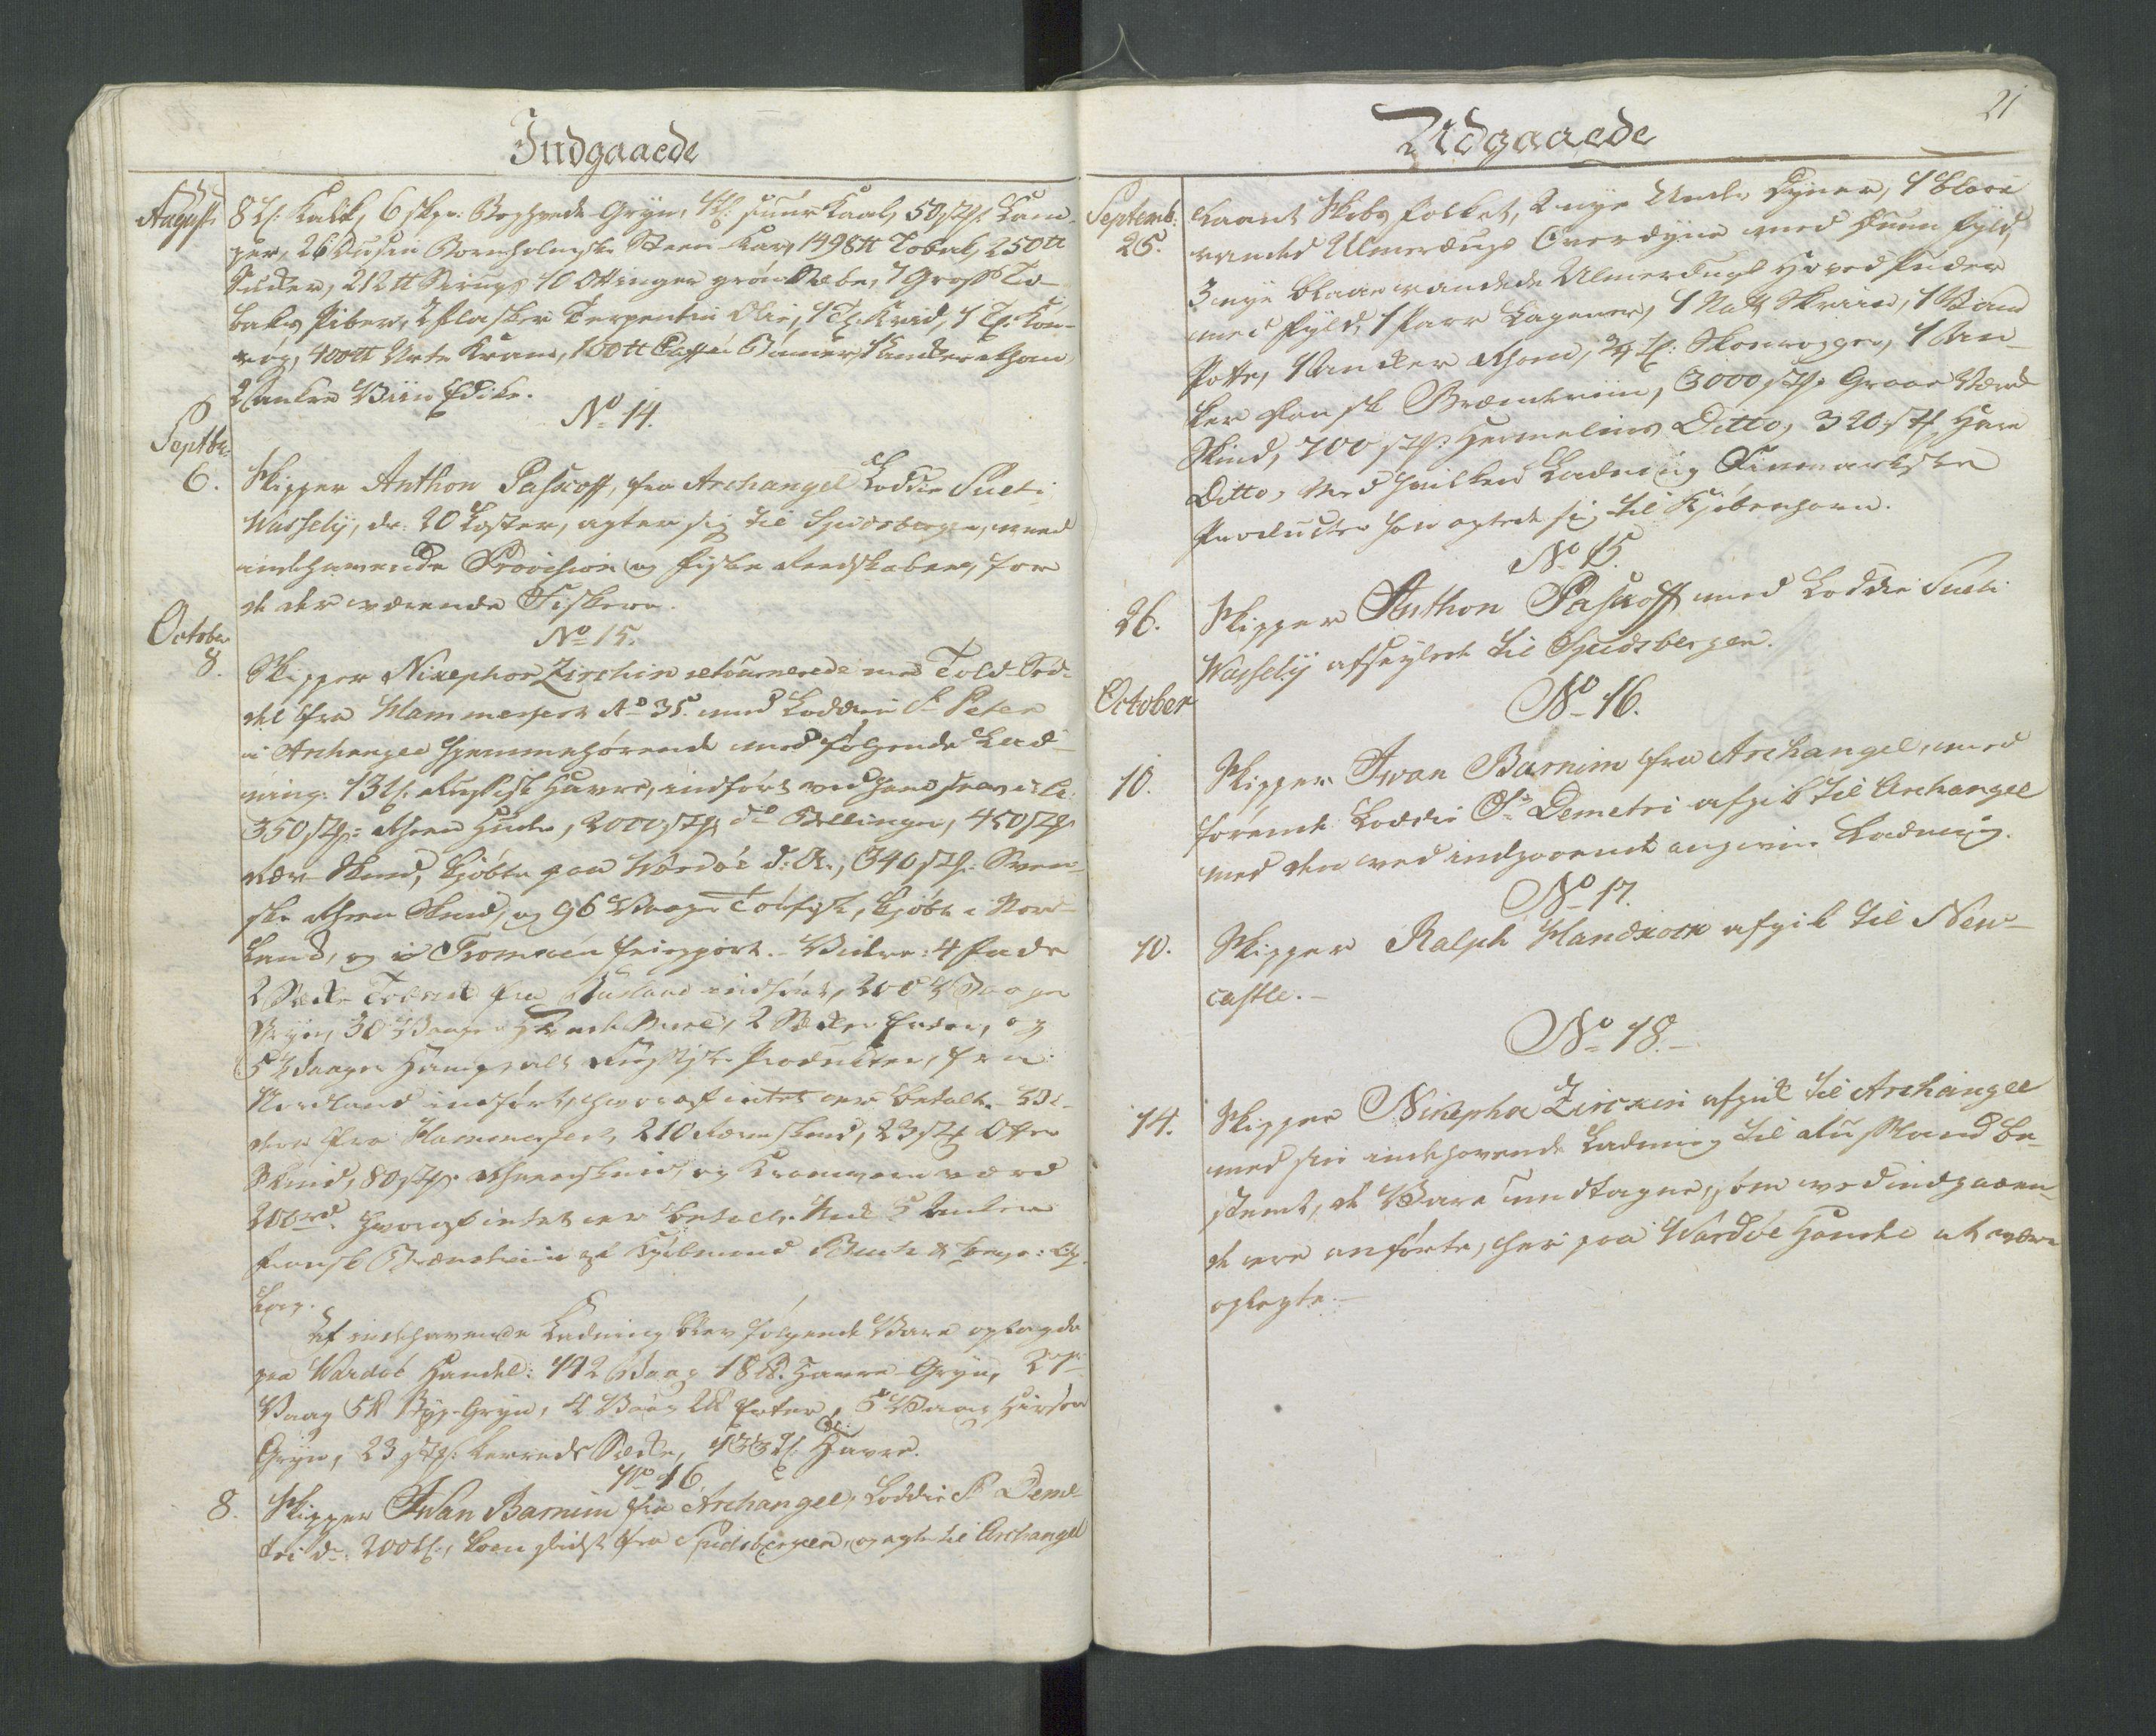 RA, Generaltollkammeret, tollregnskaper, R37/L0001: Tollregnskaper Vardø, 1789-1794, s. 20b-21a